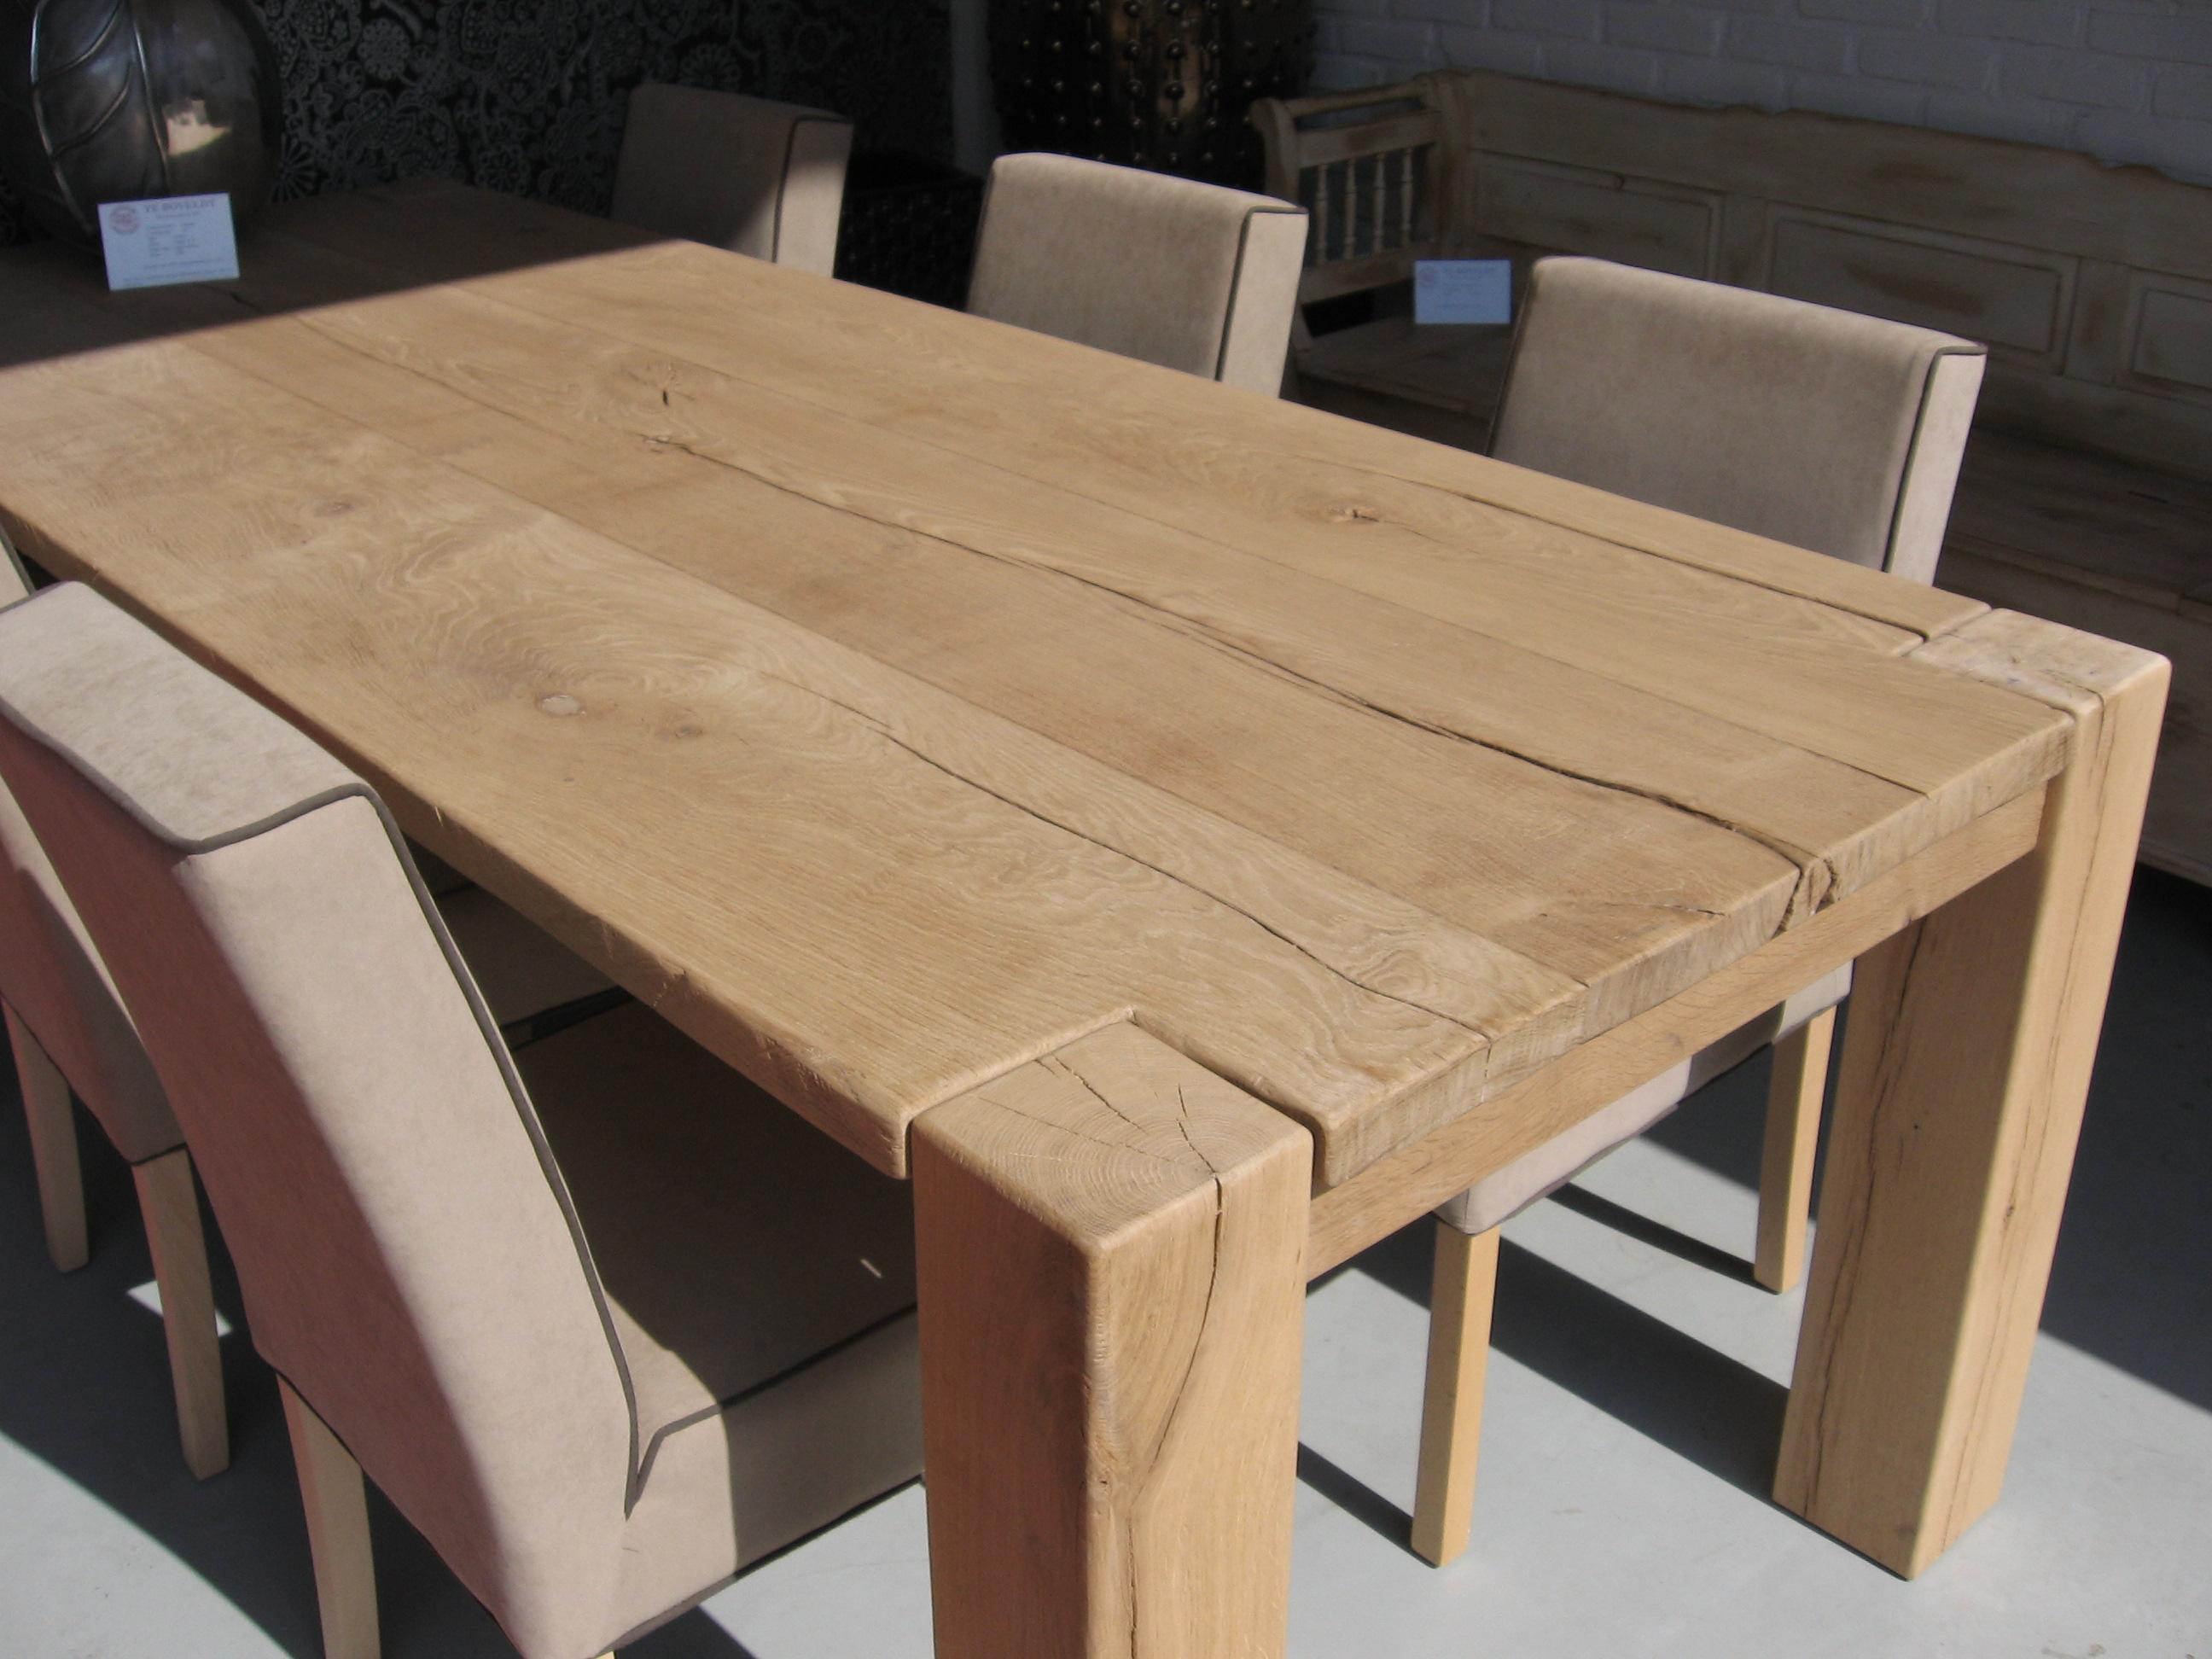 Robuust eikenhouten tafel scheuren knoesten   Te Boveldt Meubelmakerij  u0026 Interieurbouw